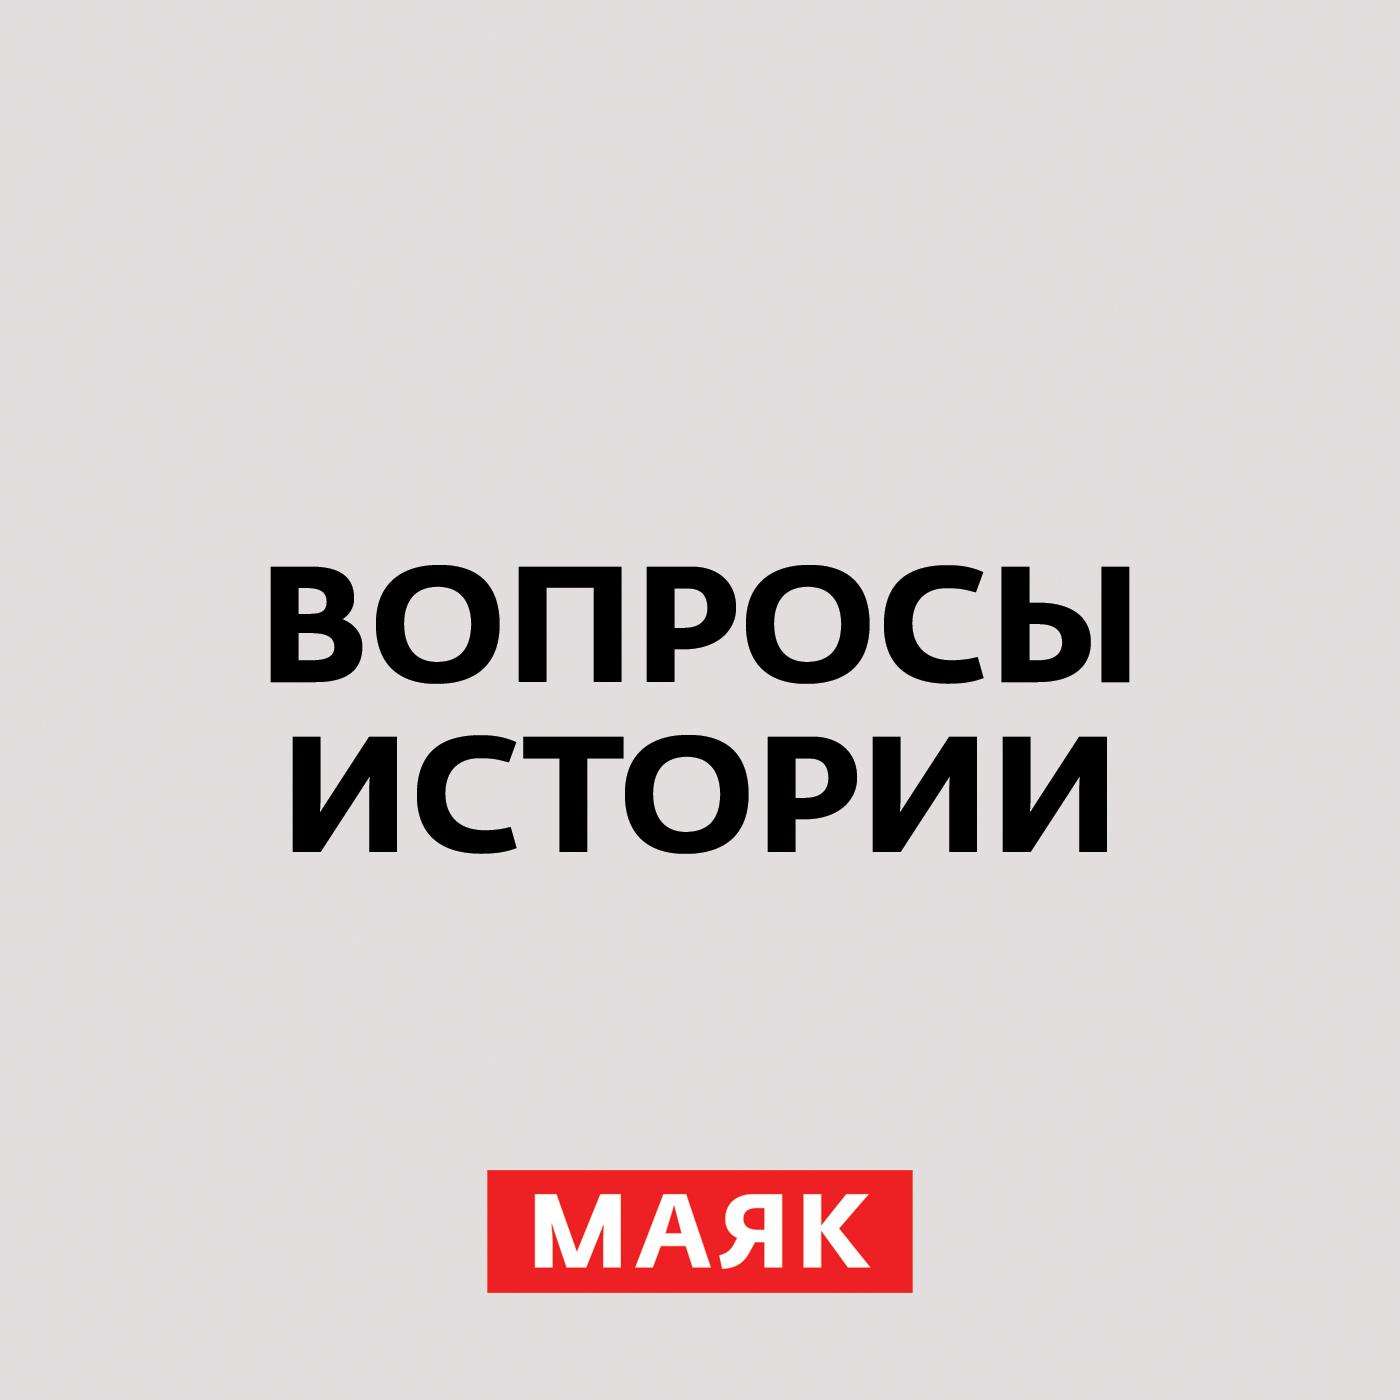 Андрей Светенко Мазепа связывал интересы Украины с Россией цветы украины